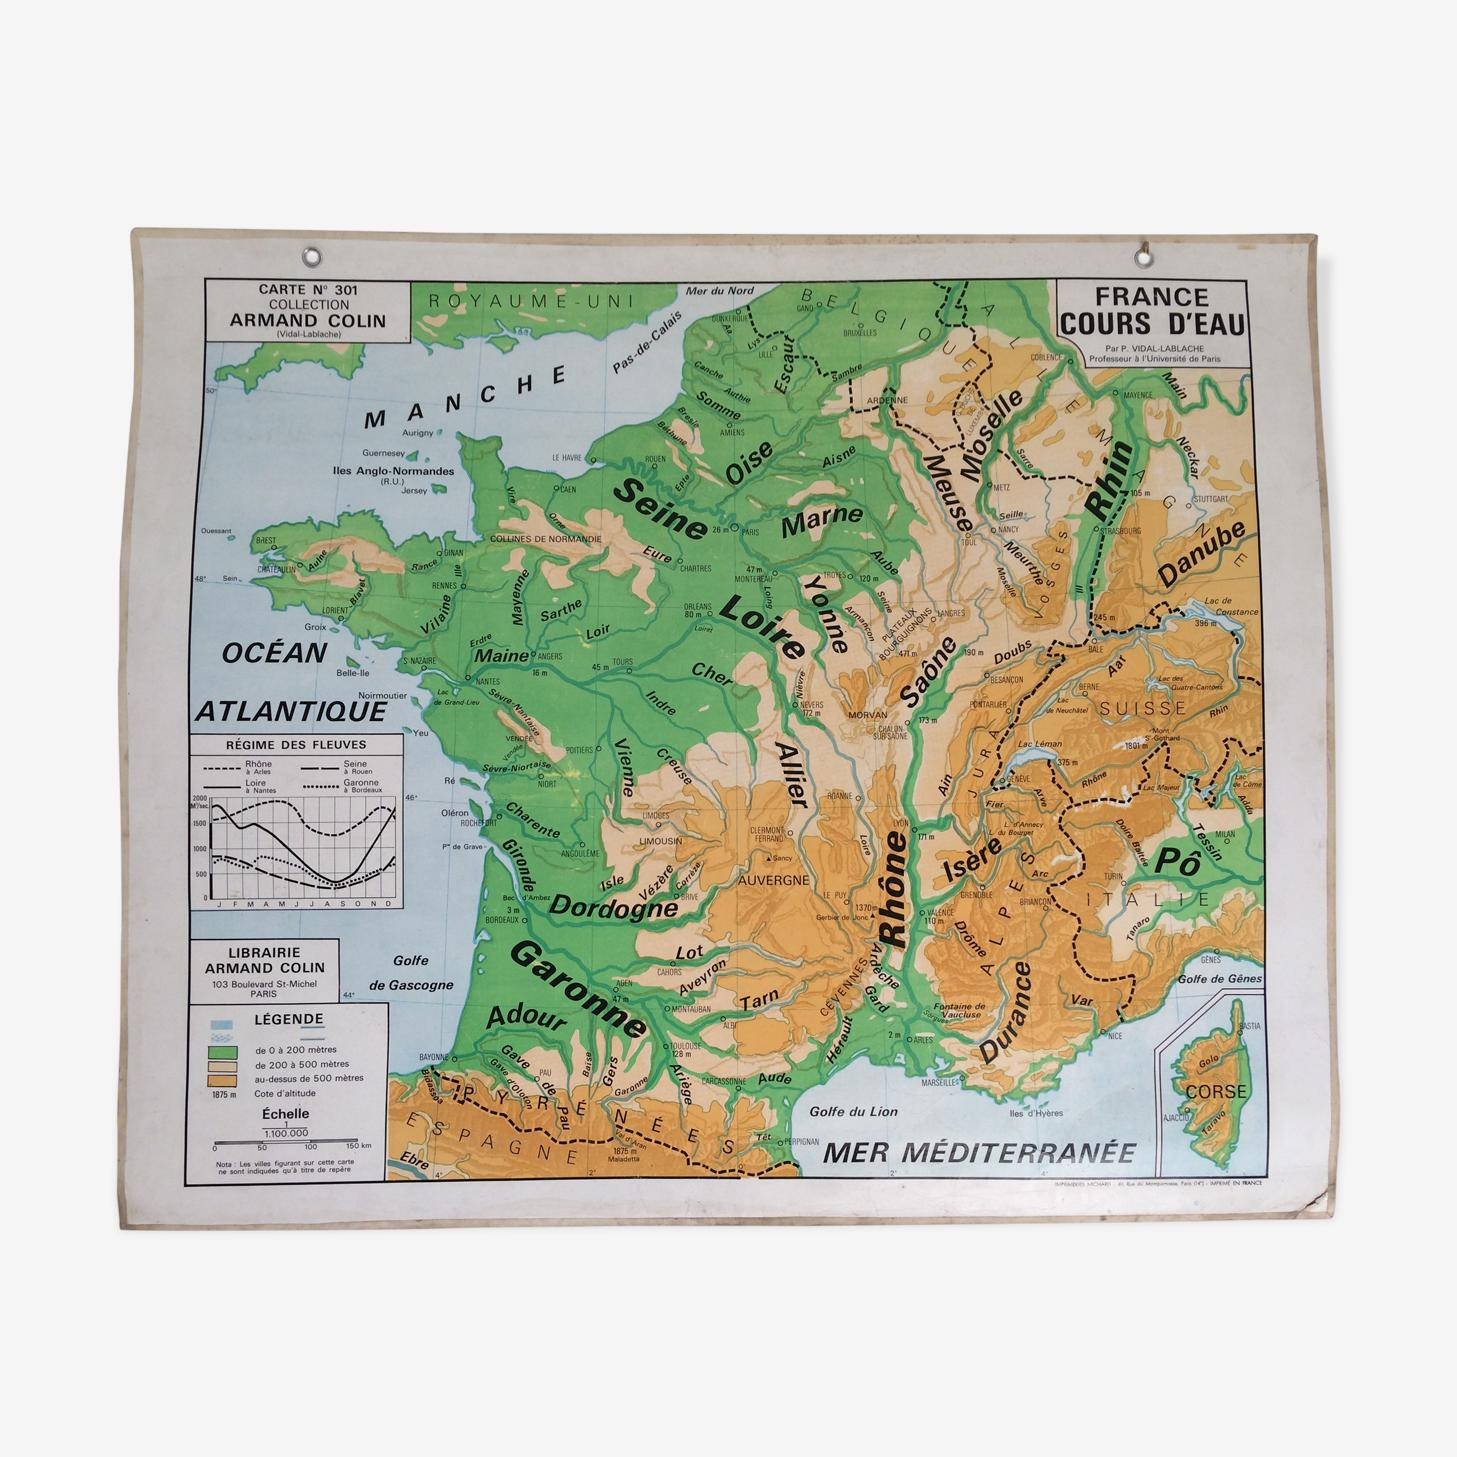 Carte géographique scolaire france (politique et cours d'eau)